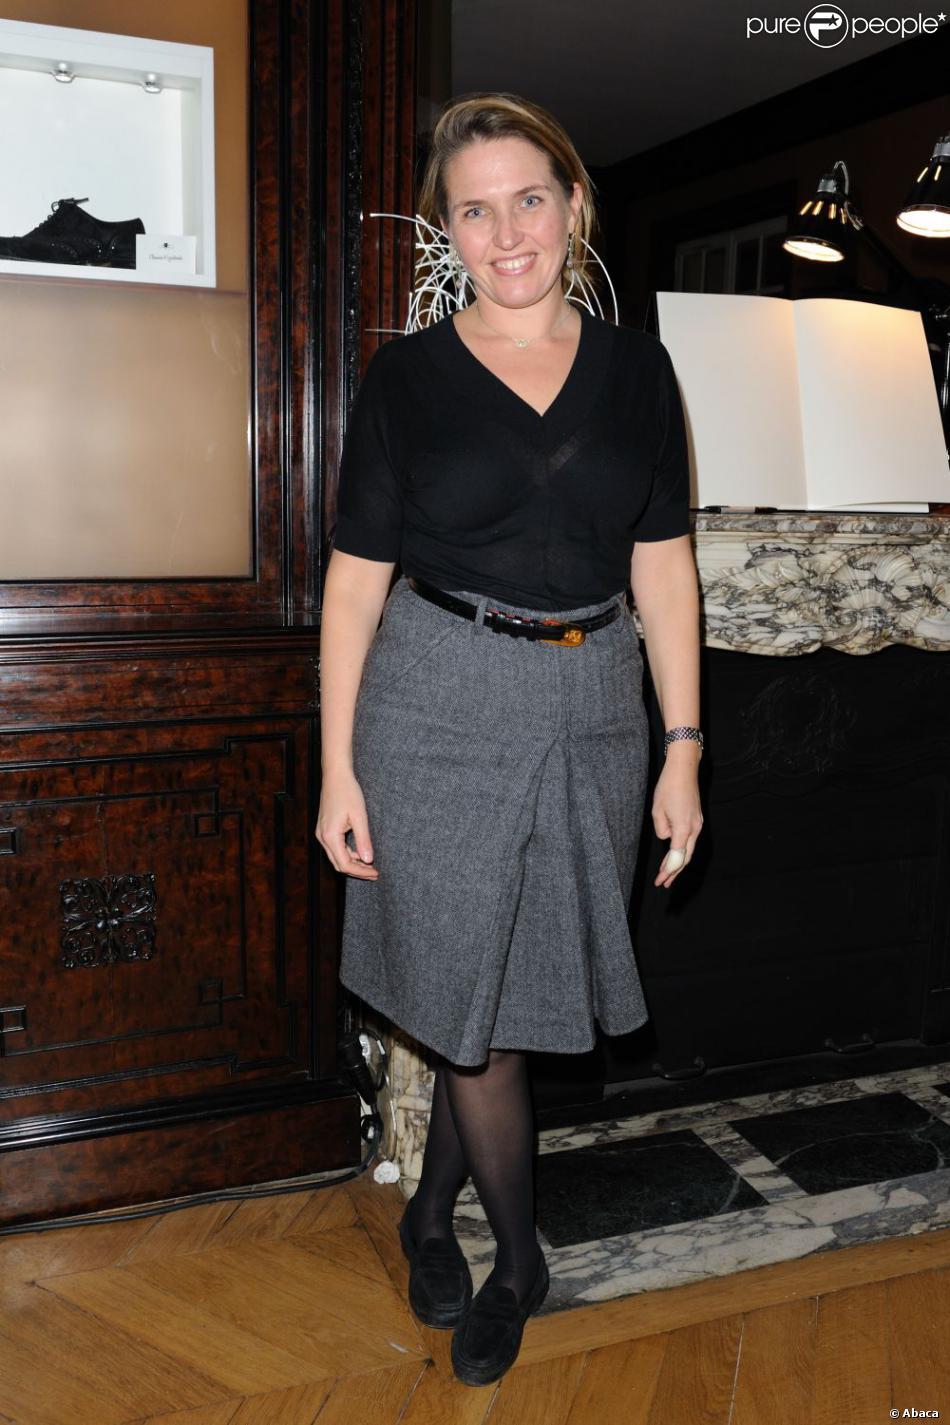 la princesse ad la de d 39 orl ans paris le 17 novembre 2011 purepeople. Black Bedroom Furniture Sets. Home Design Ideas